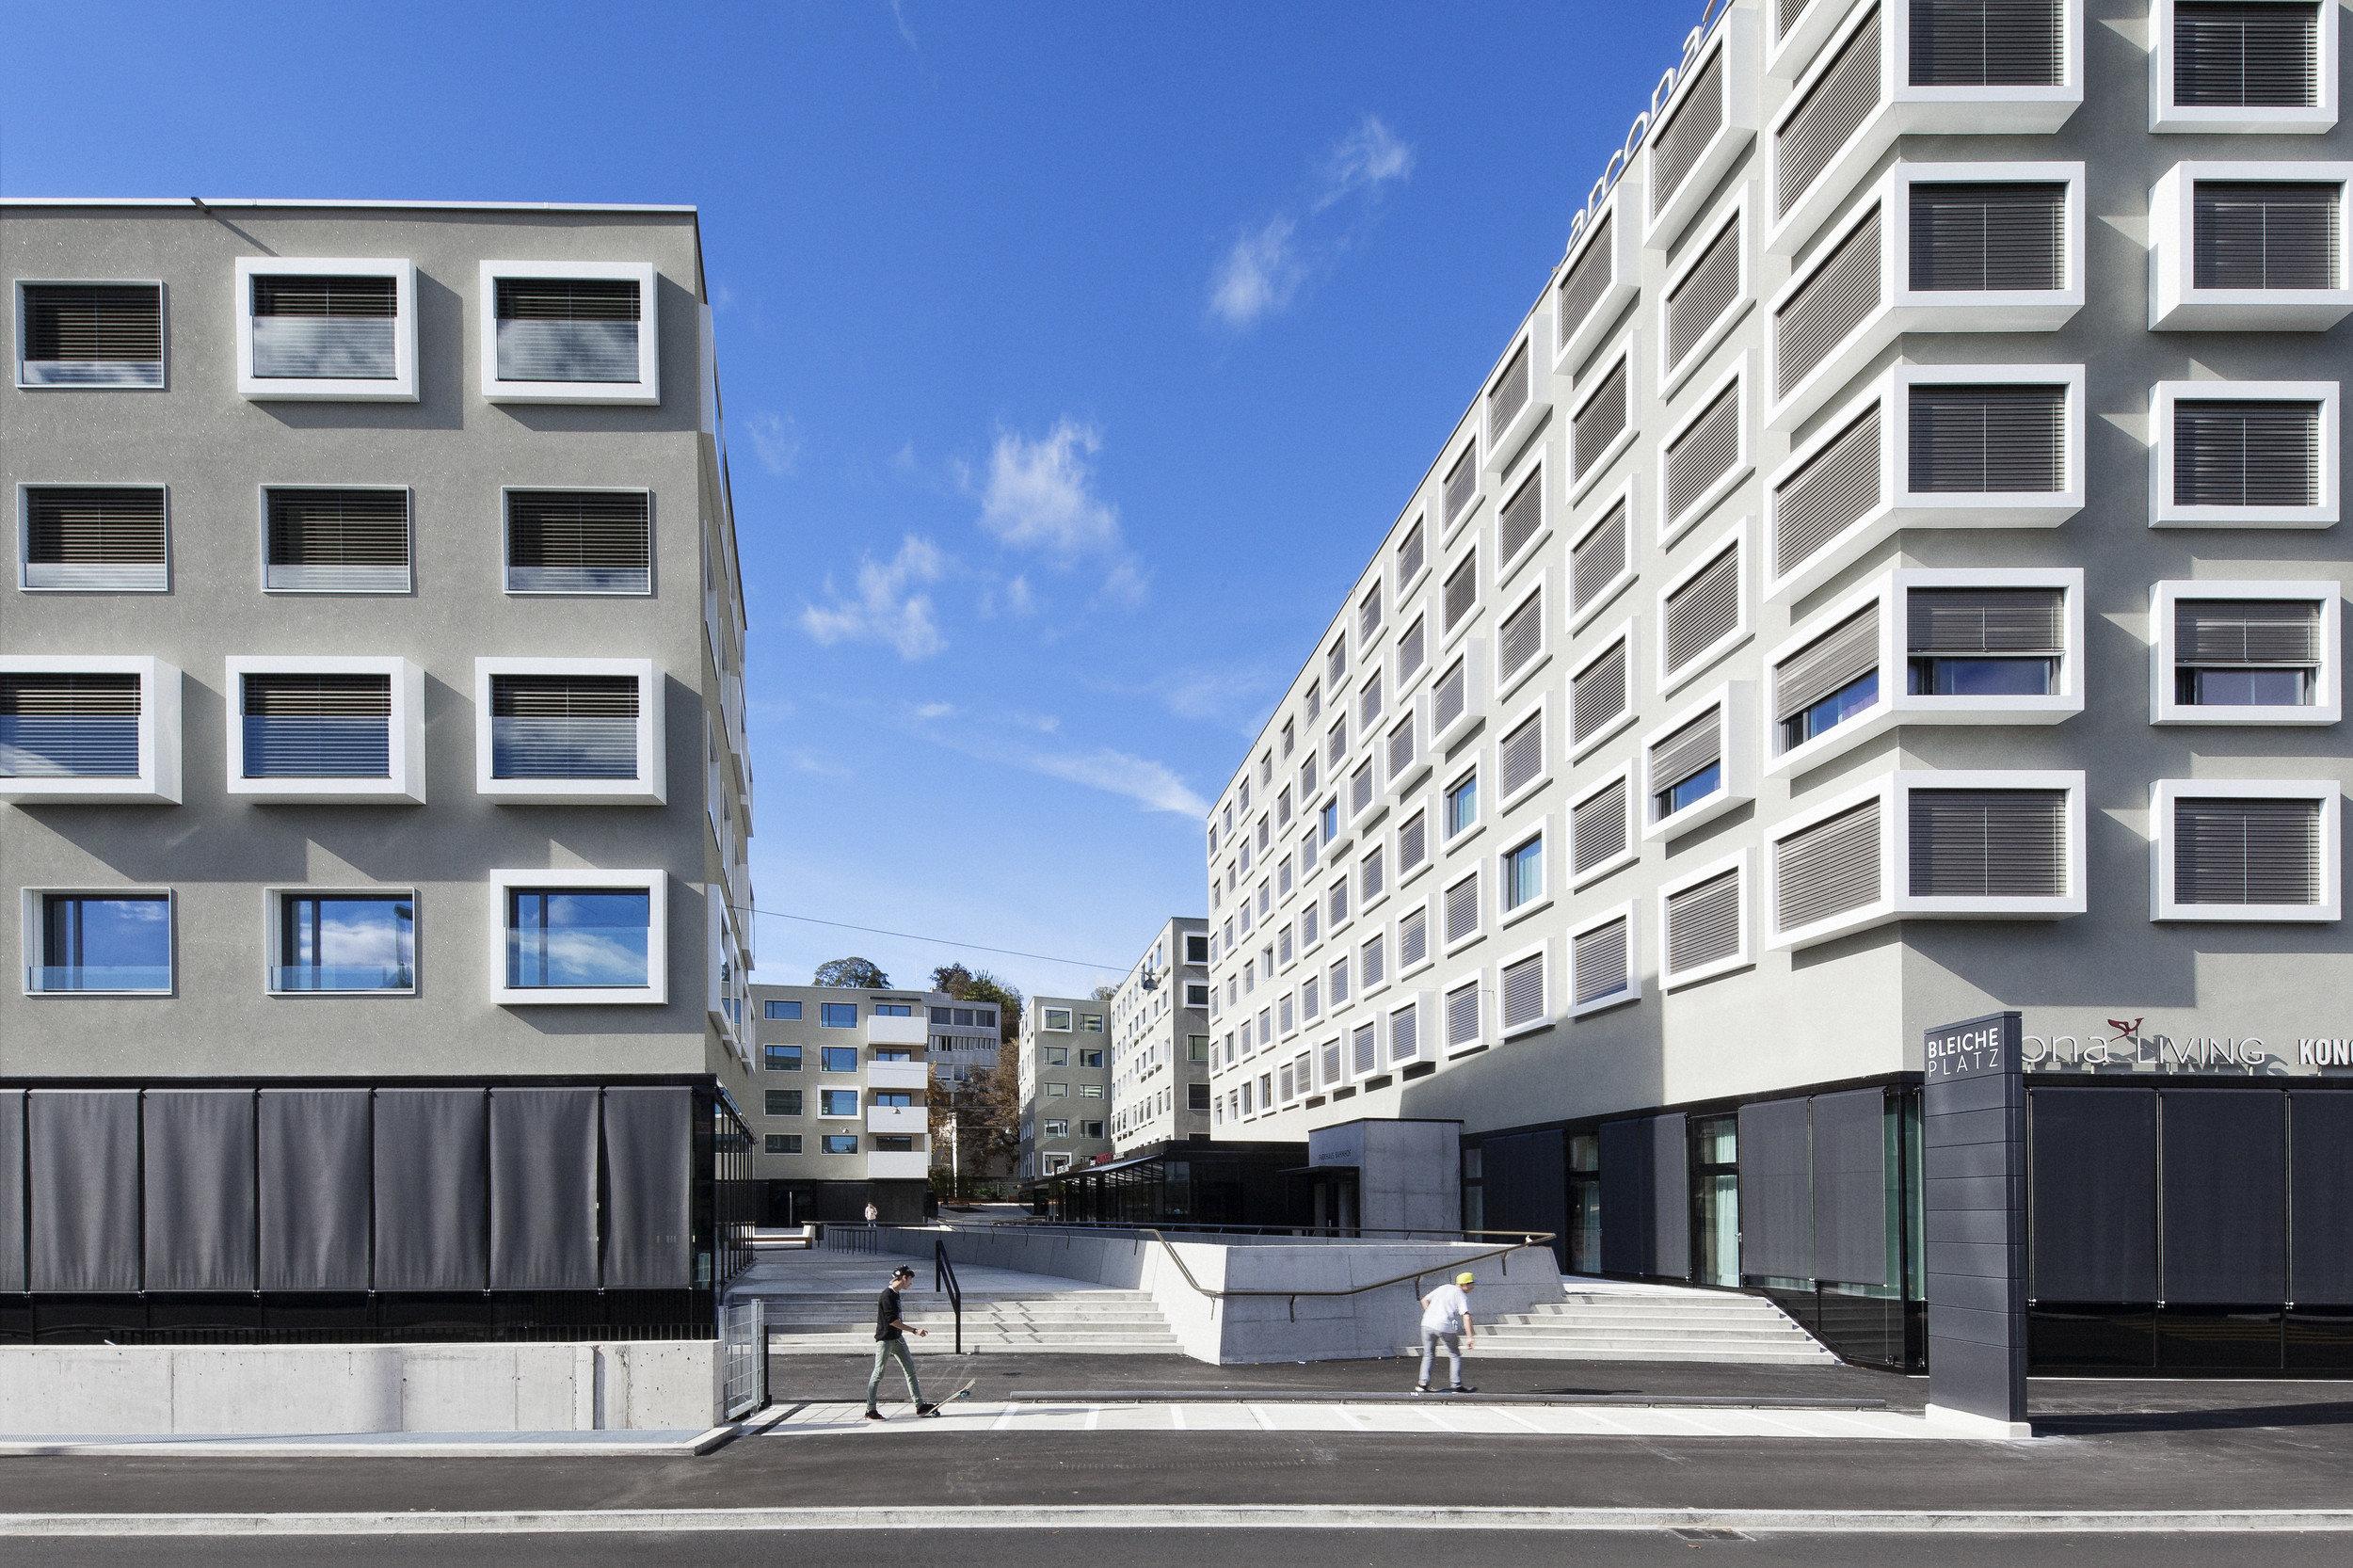 Wohnhausareal mit Gebäuden im selben Stil gleichmässig gebaut